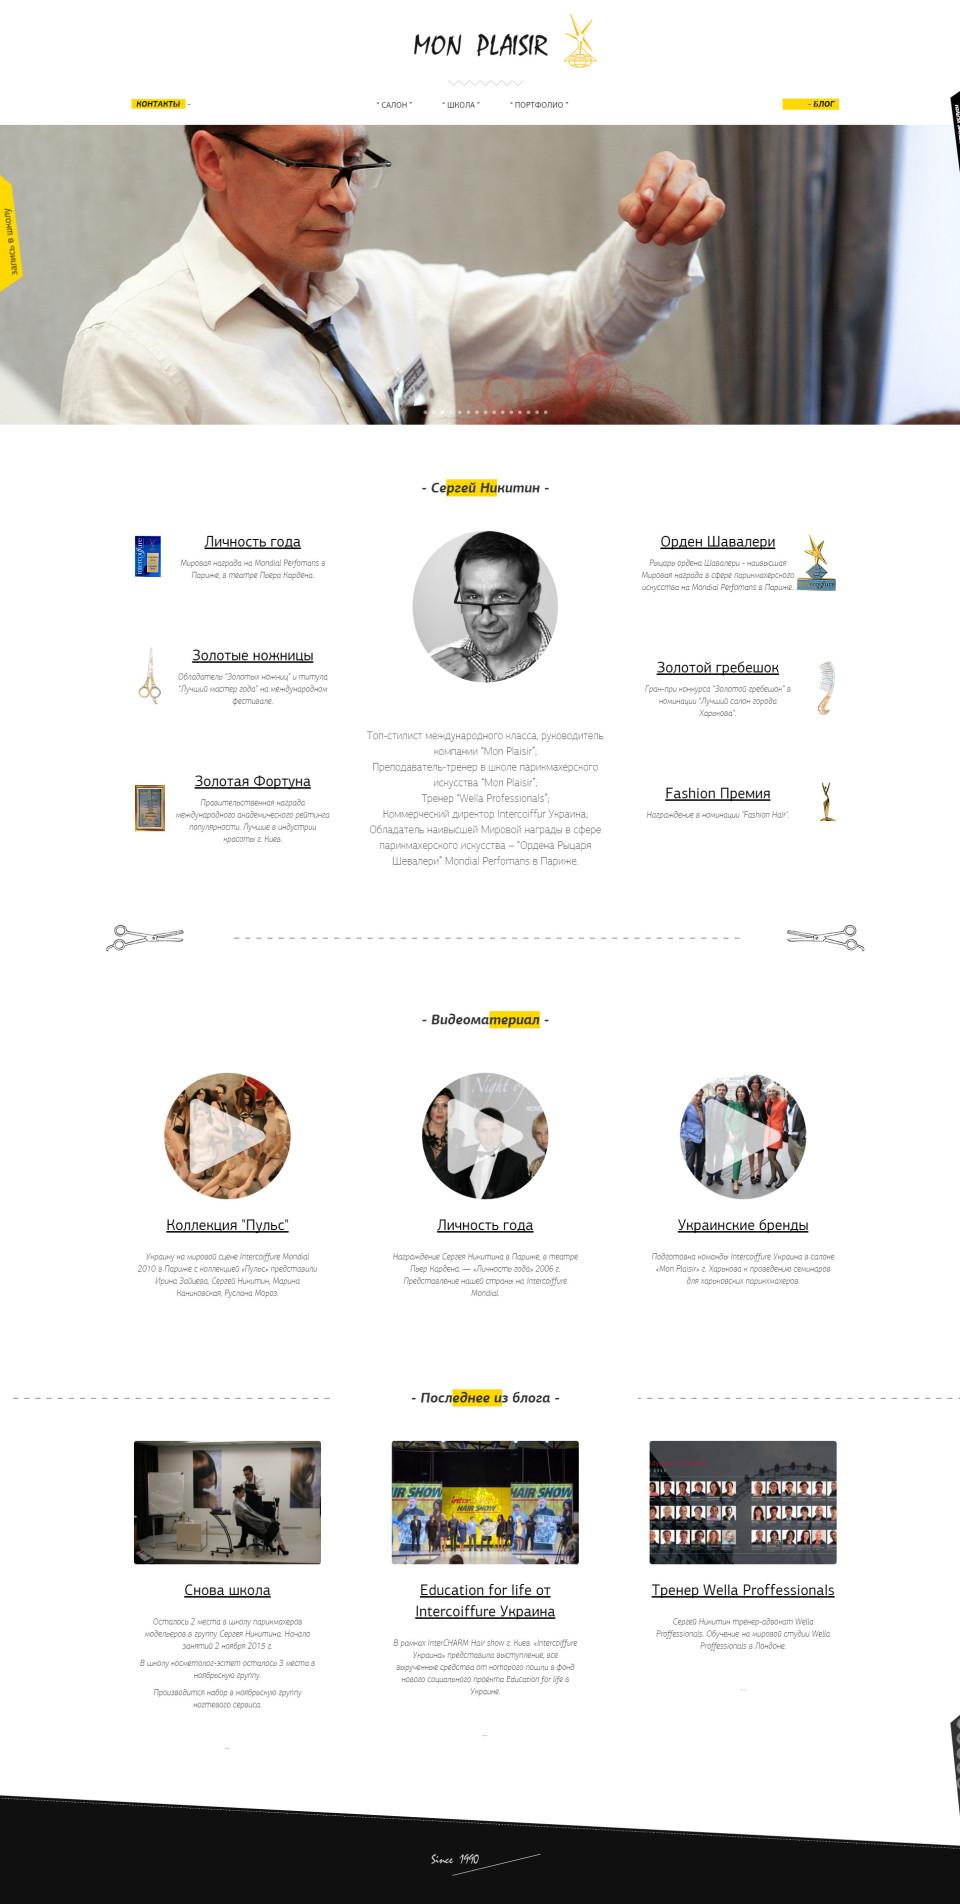 Создание сайта Mon Plaisir - Главная страница